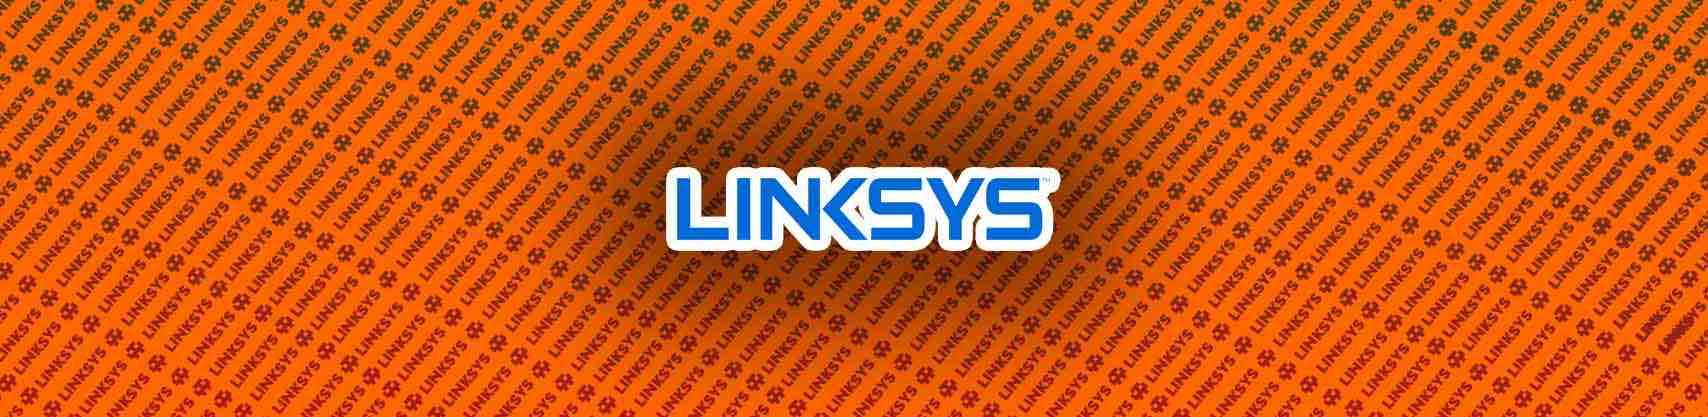 Linksys AC5400 Manual